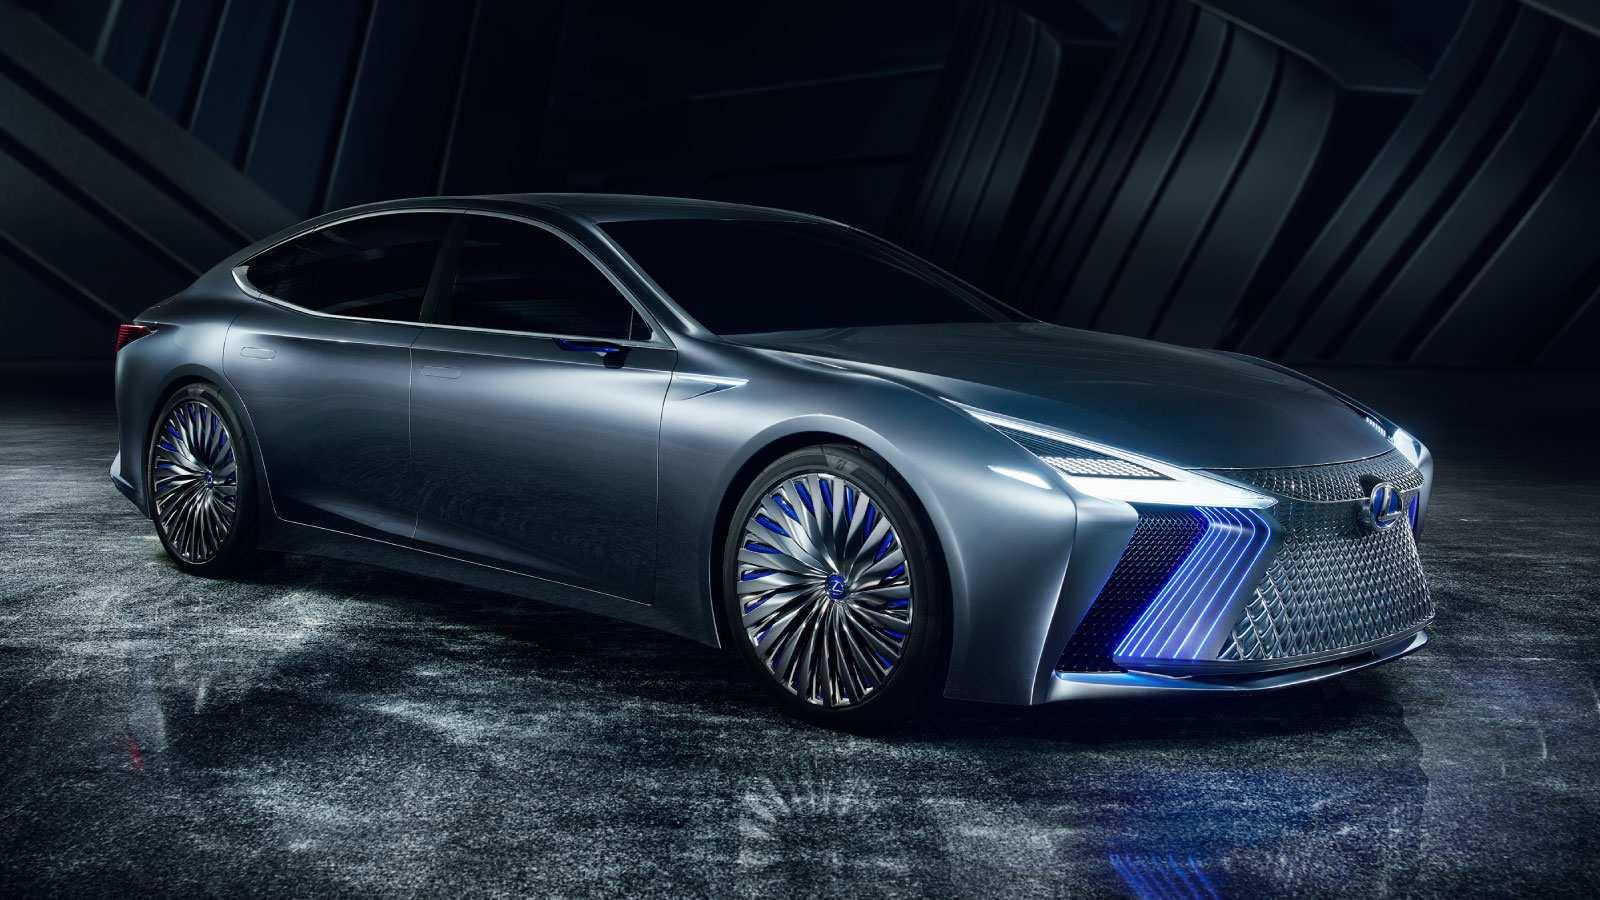 75 Best Review Lexus 2020 Vehicles Images for Lexus 2020 Vehicles